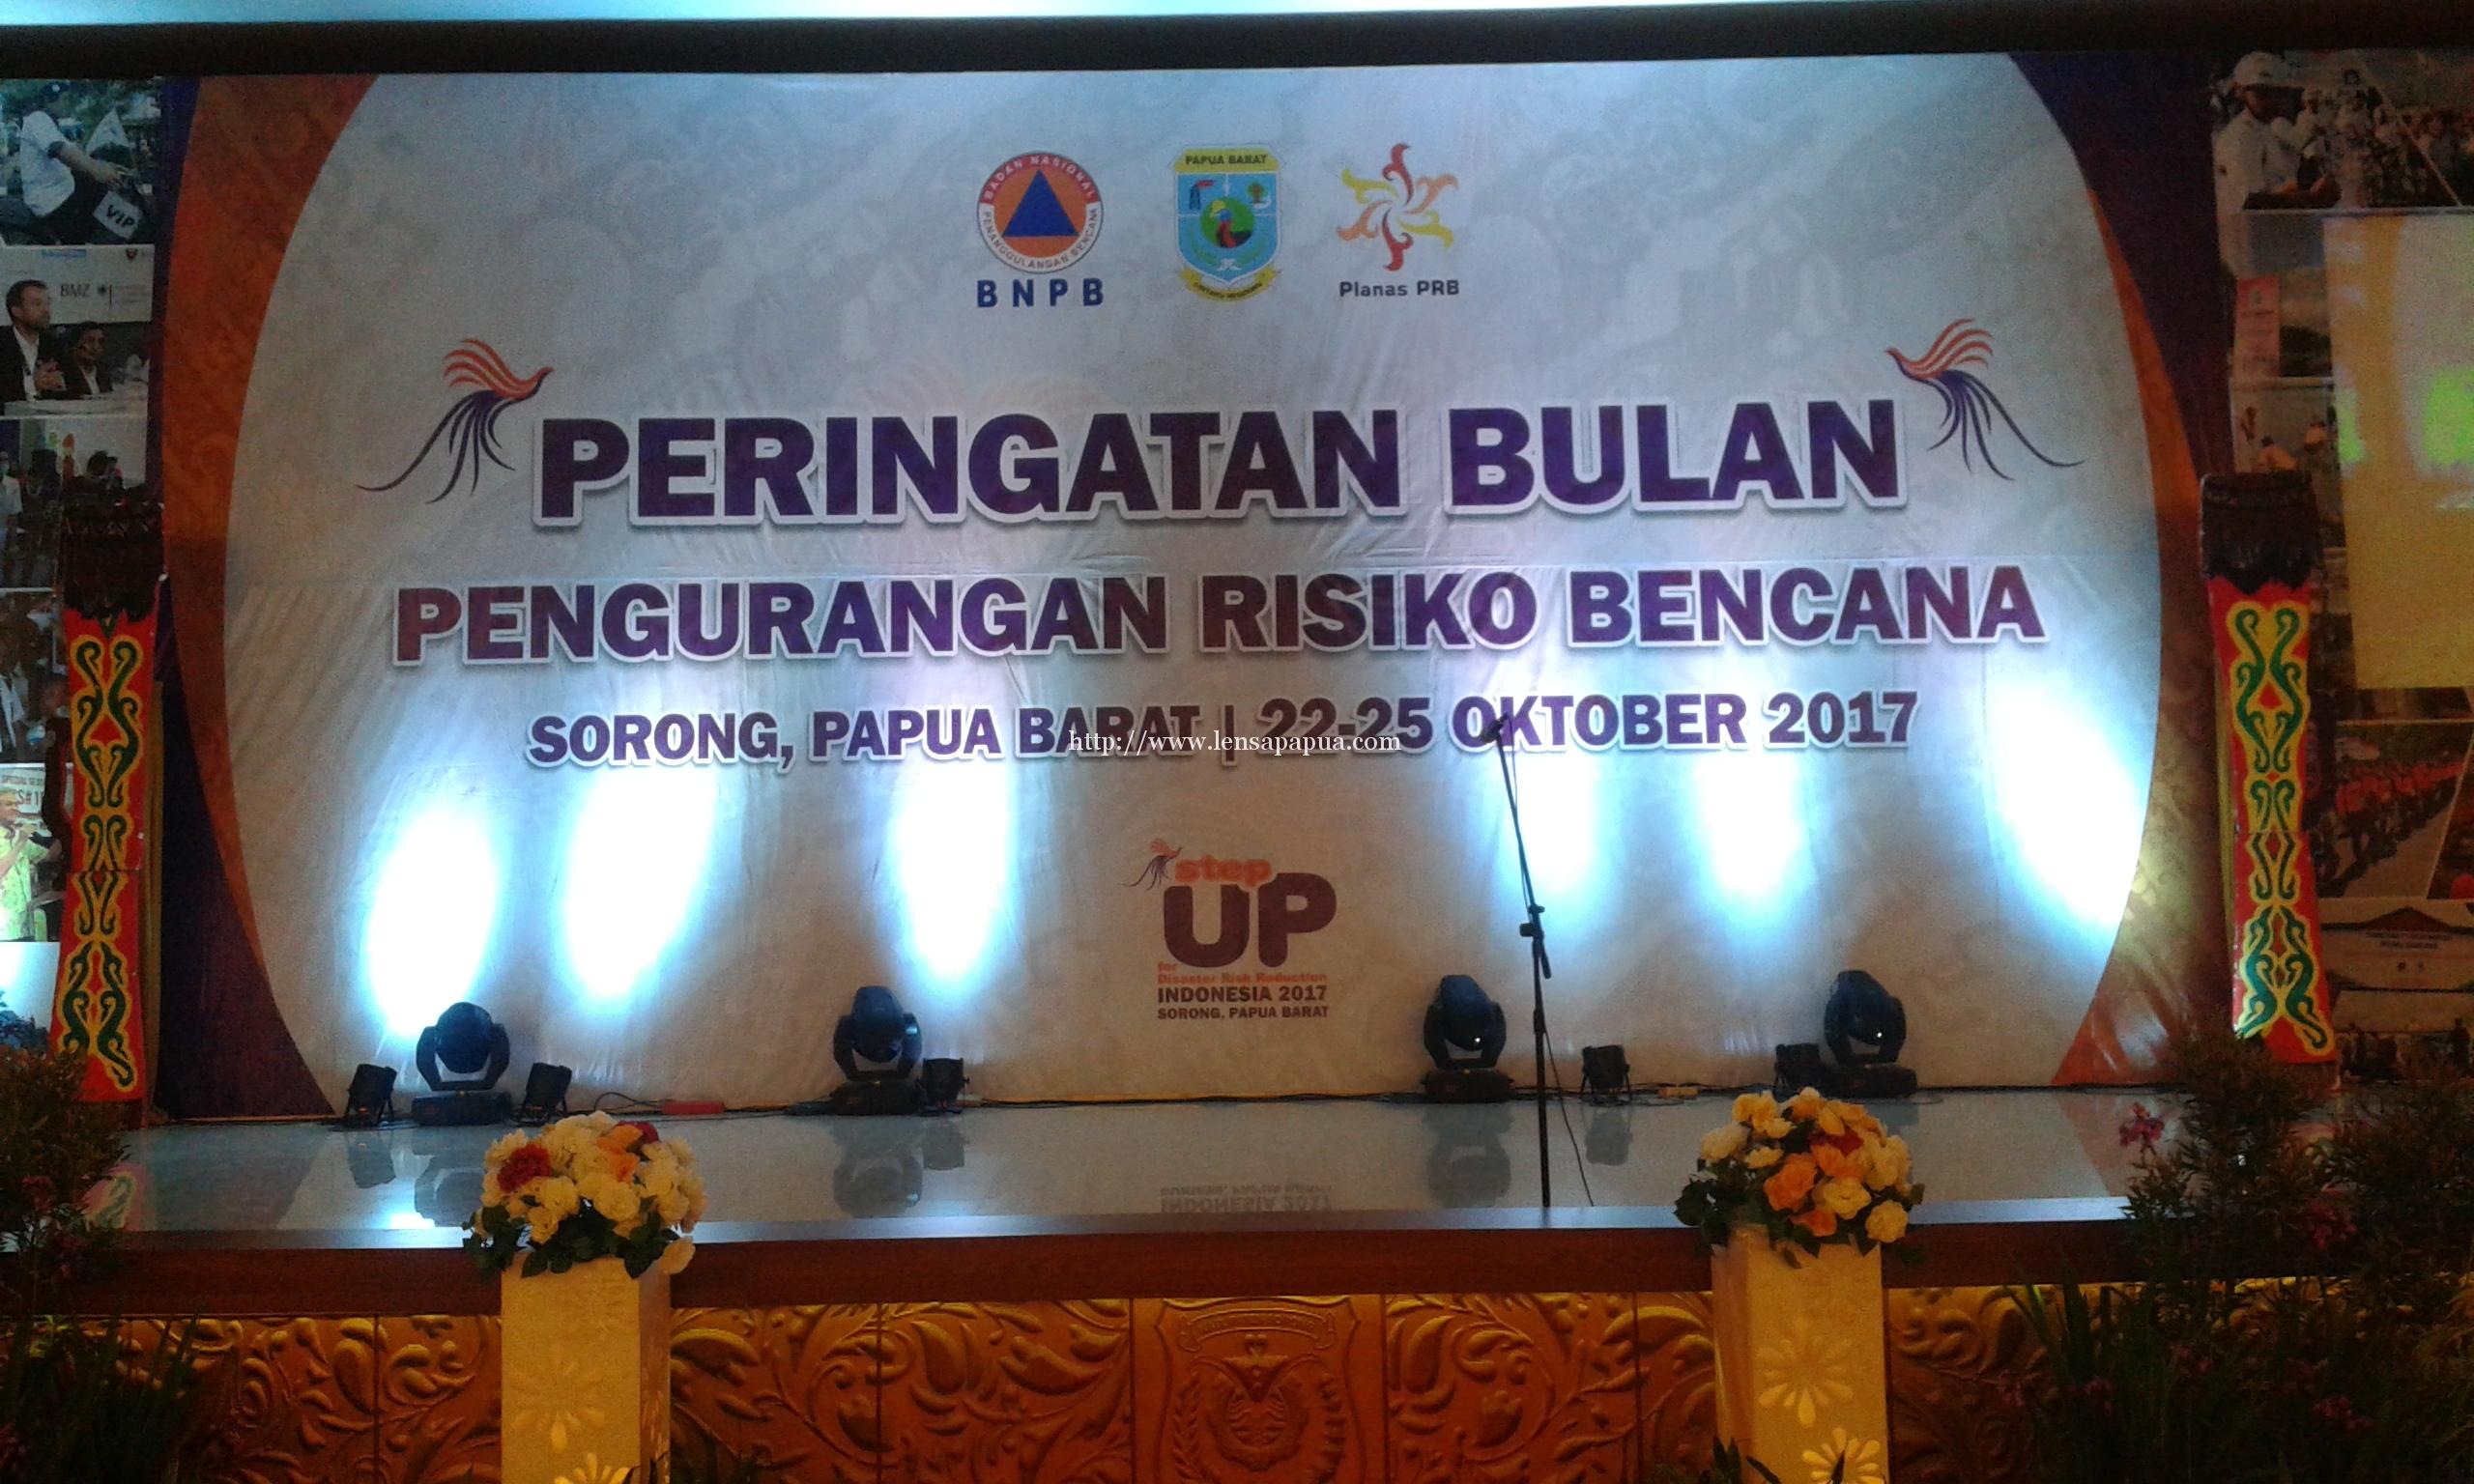 Peringatan Bulan Pengurangan Resiko Bencana di Aimas Convention Centre, Kabupaten Sorong. Dok/red